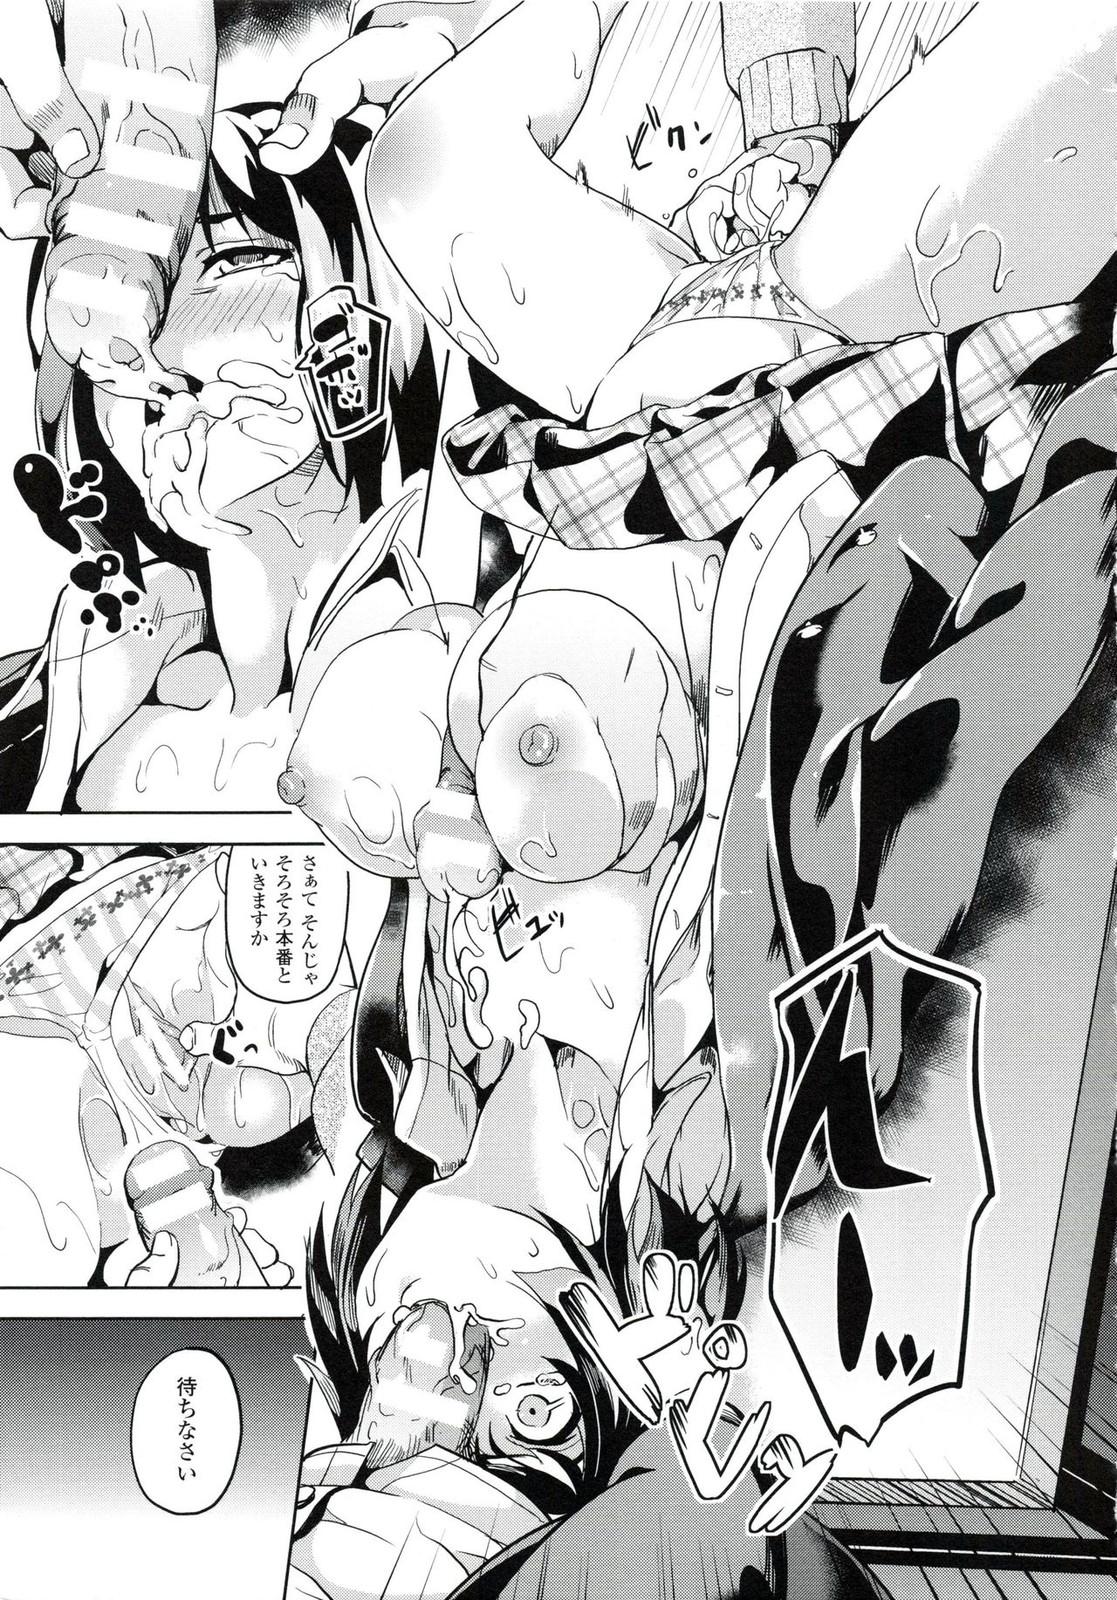 【エロ漫画】(2/6話)風紀委員長に騙され弛緩剤を打たれてしまったJK…無理矢理犯され処女を奪われた上ドラッグを打たれ幻覚見ながらアヘ顔イキwww【DATE:reincarnation~黒い記憶~2】